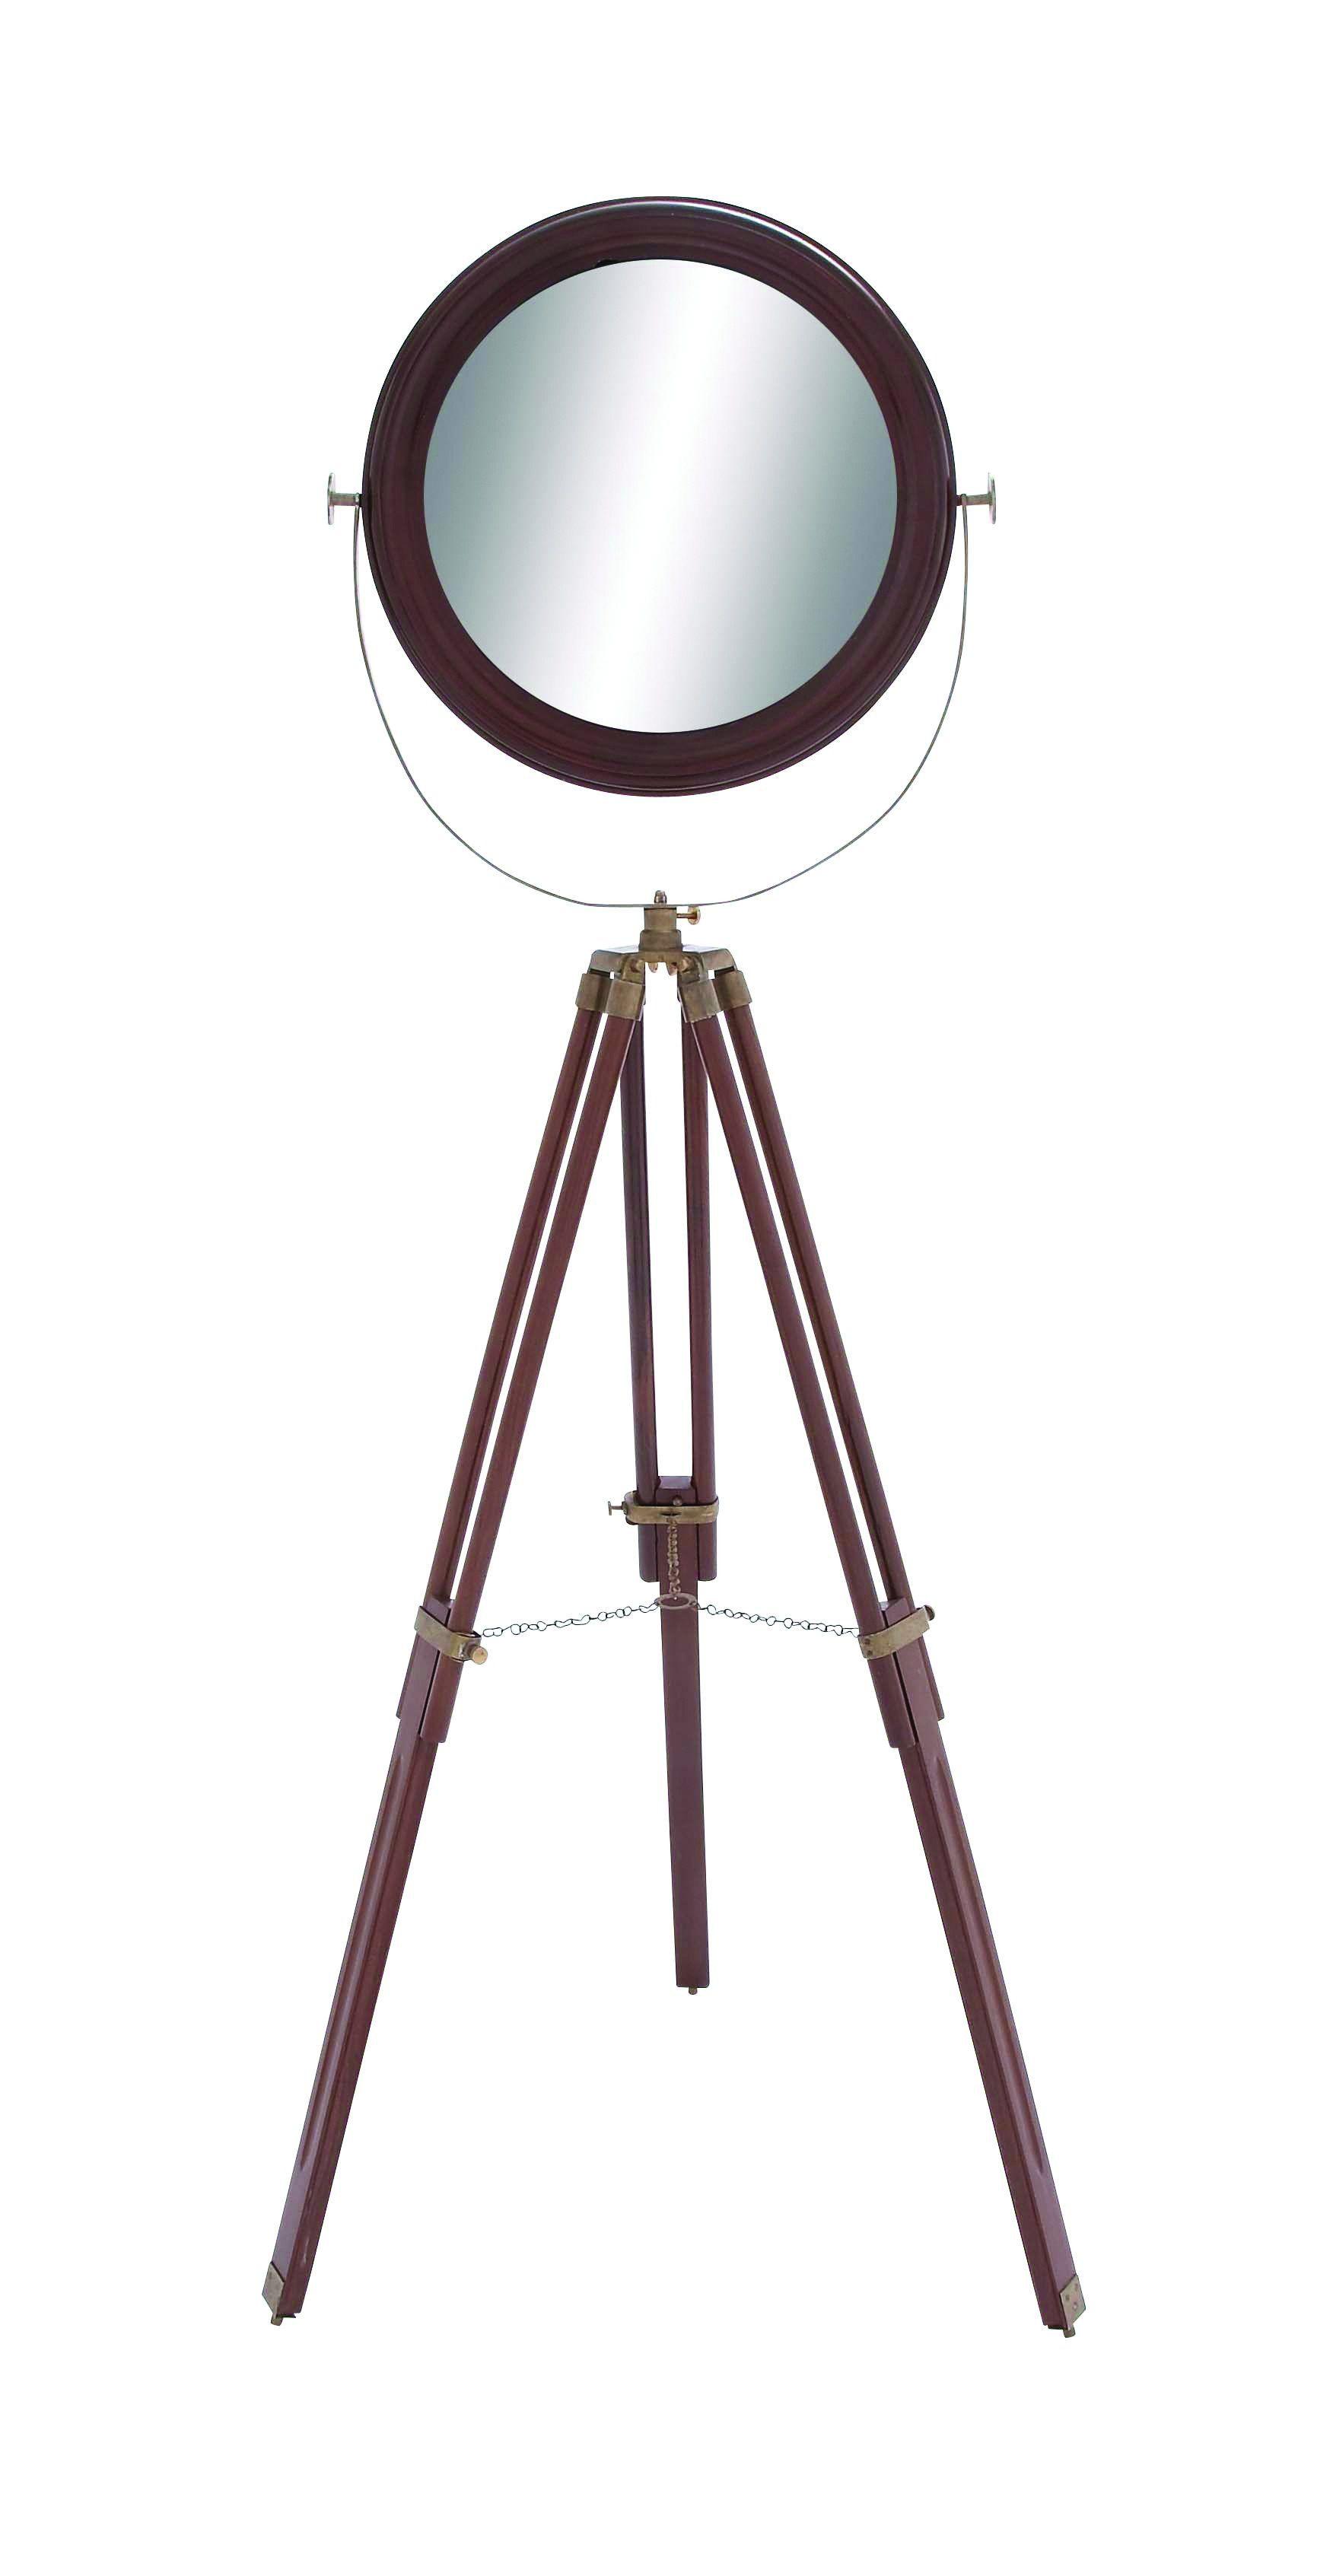 Melbourne Marvelous Exceptional Floor Mirror | Floor mirror ...